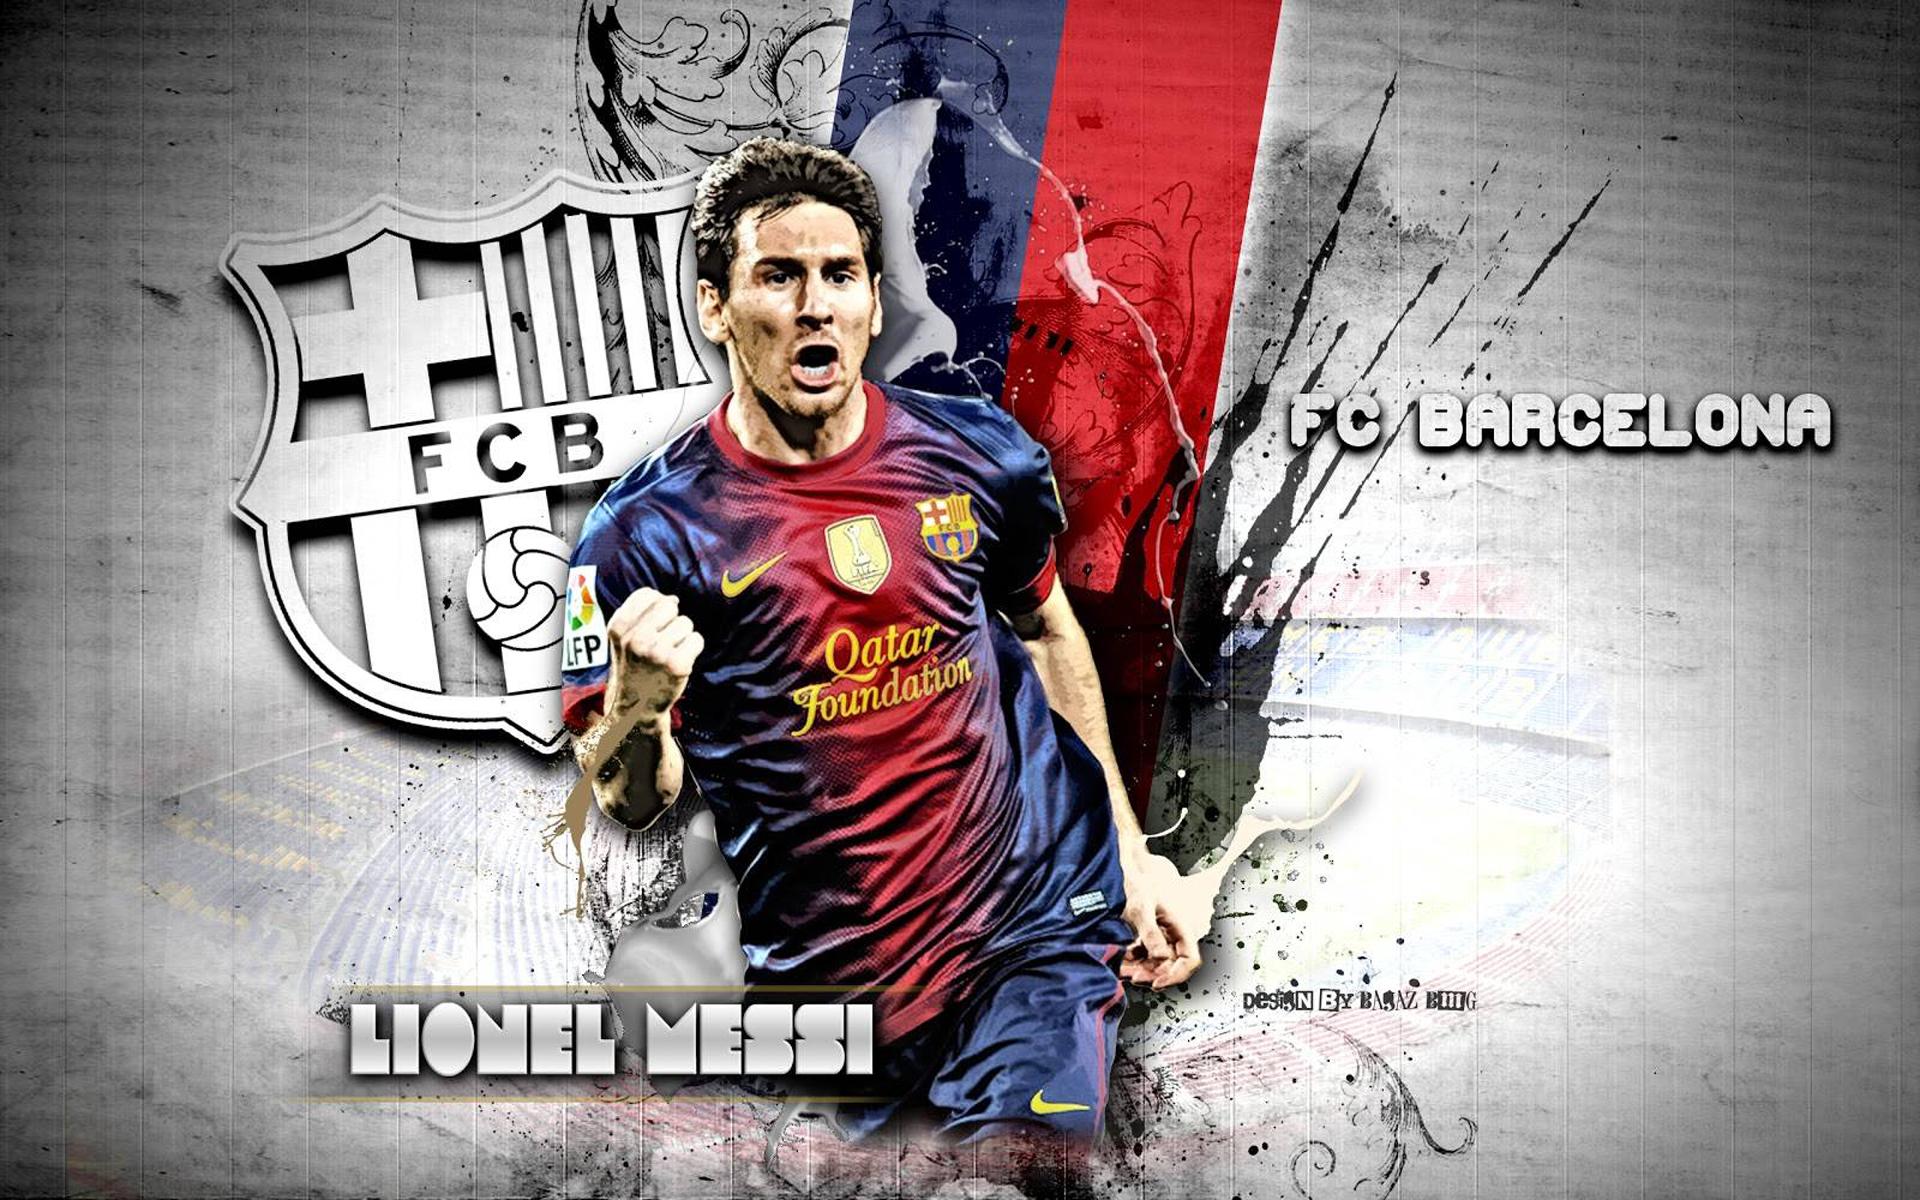 Fondos De Pantalla Del Fútbol Club Barcelona Wallpapers: Fondos De Pantalla De Leo Messi, Wallpapers HD De Lionel